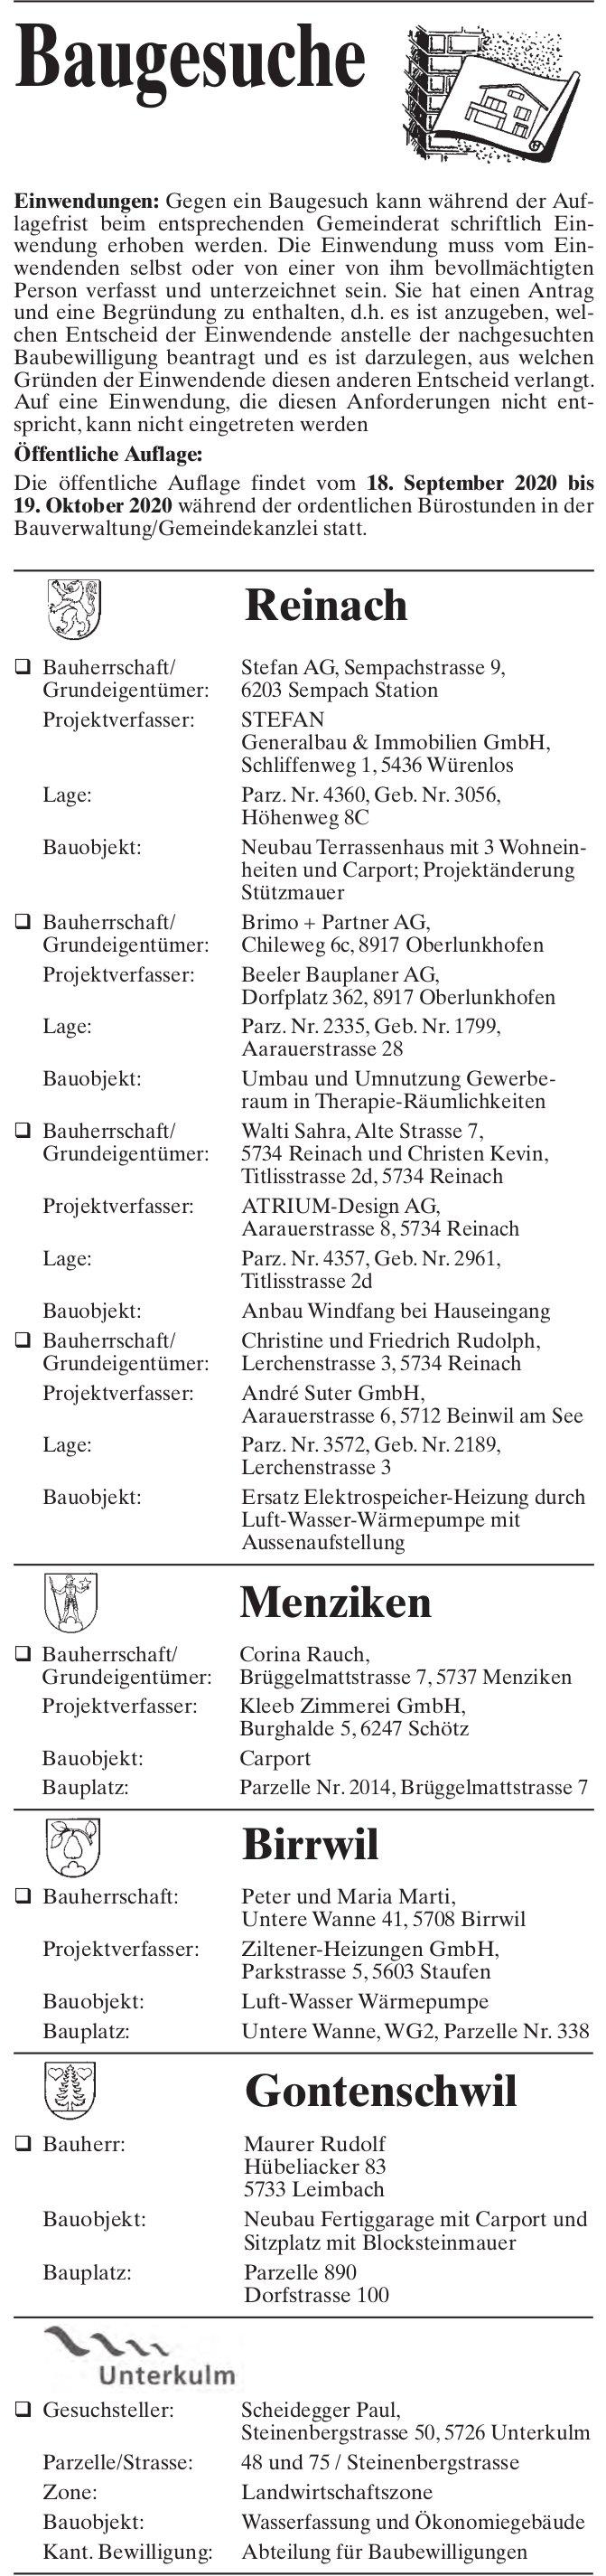 Baugesuche Reinach, Menziken, Birrwil, Gontenschwil & Unterkulm